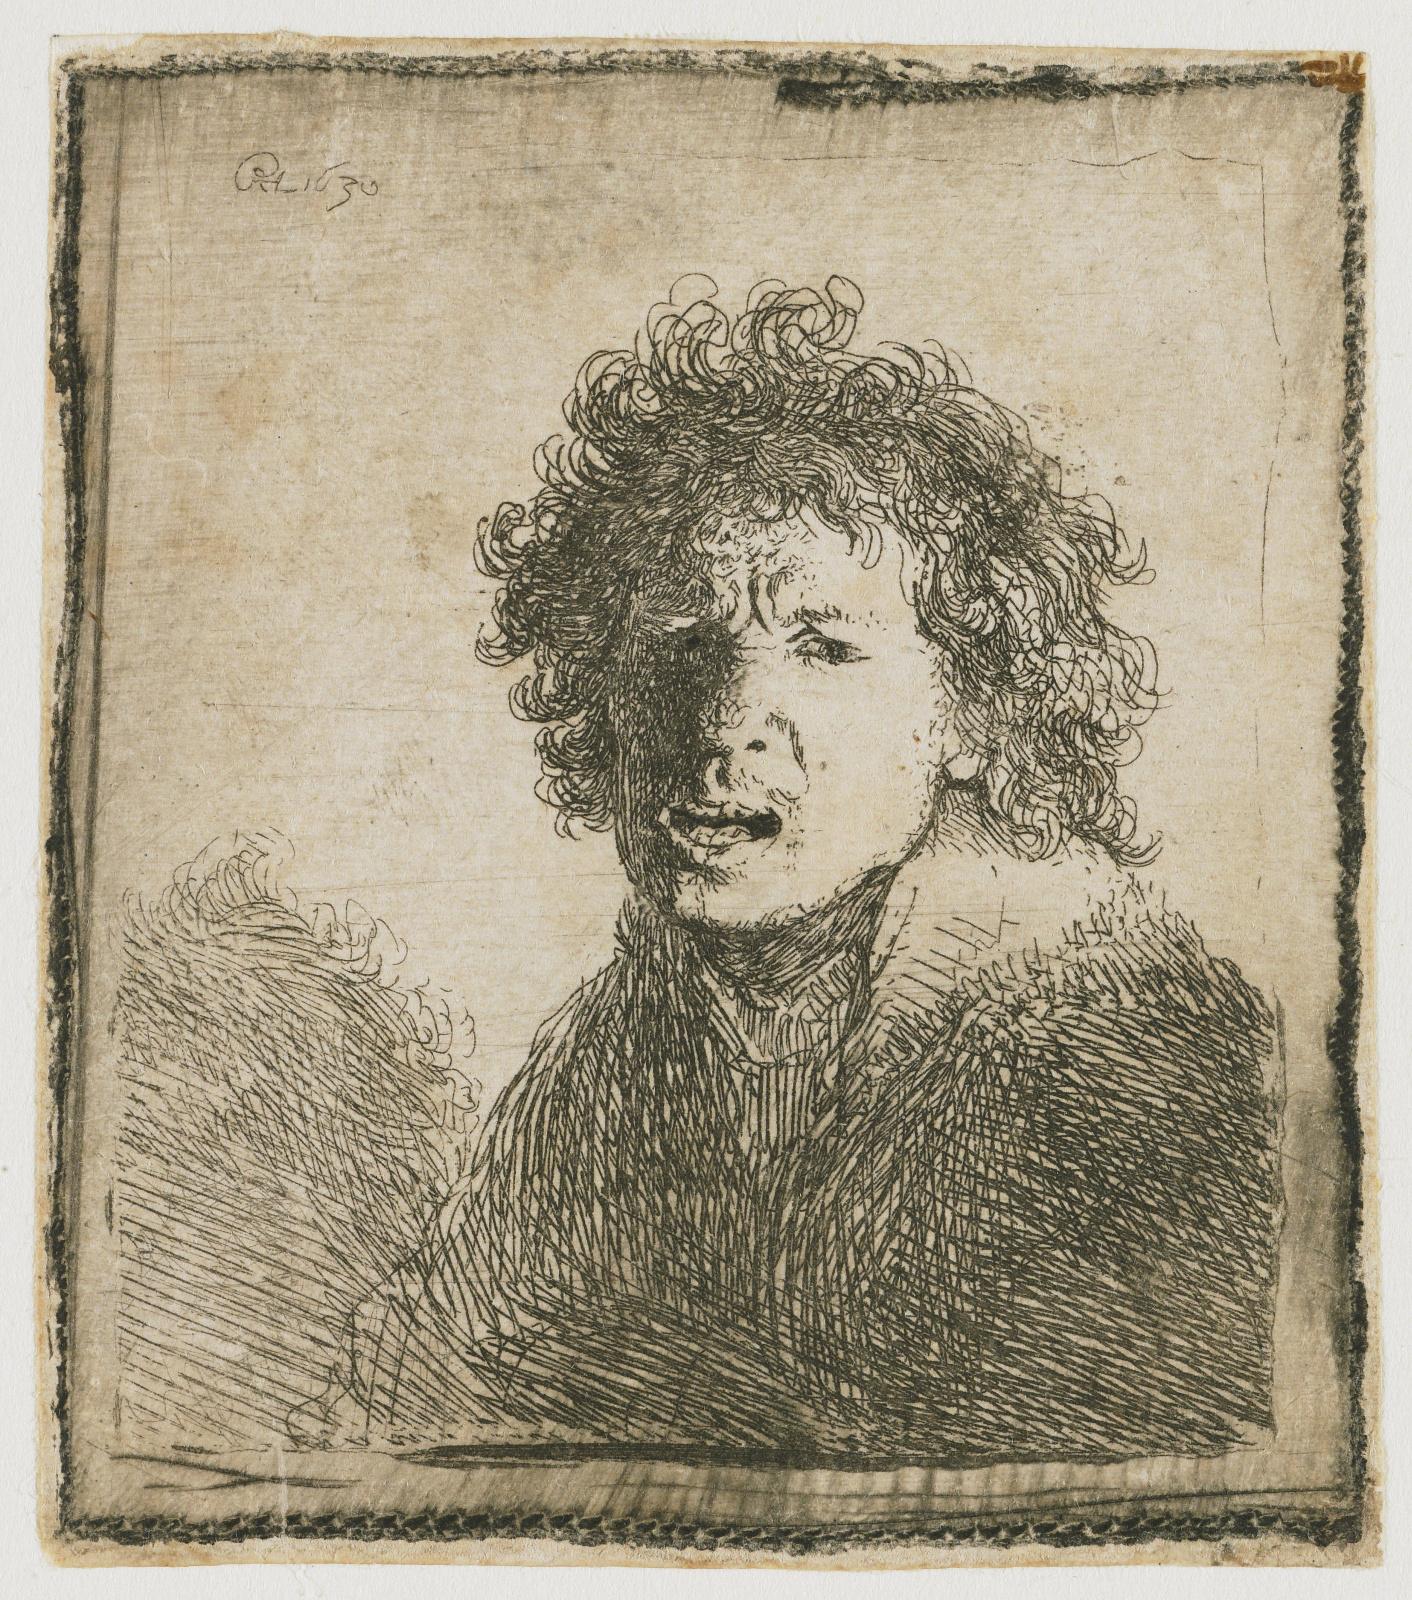 Рембрандт Харменс ван Рейн. Автопортрет с открытым ртом, словно в крике